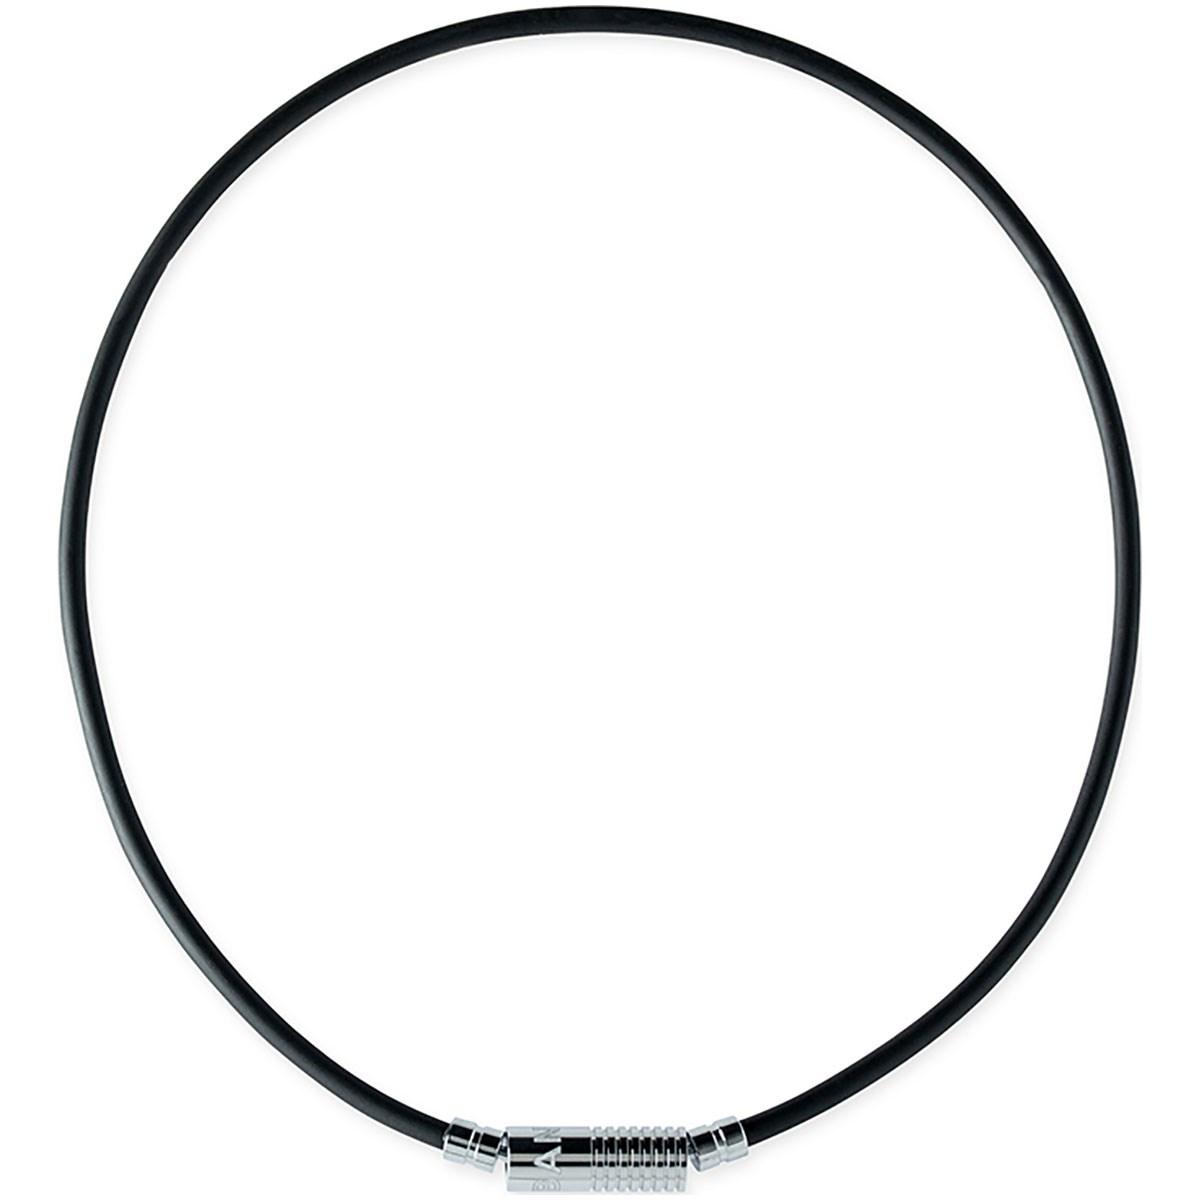 バンデル bandel ヘルスケアネックレス ニュートラル 52cm ブラック/シルバー